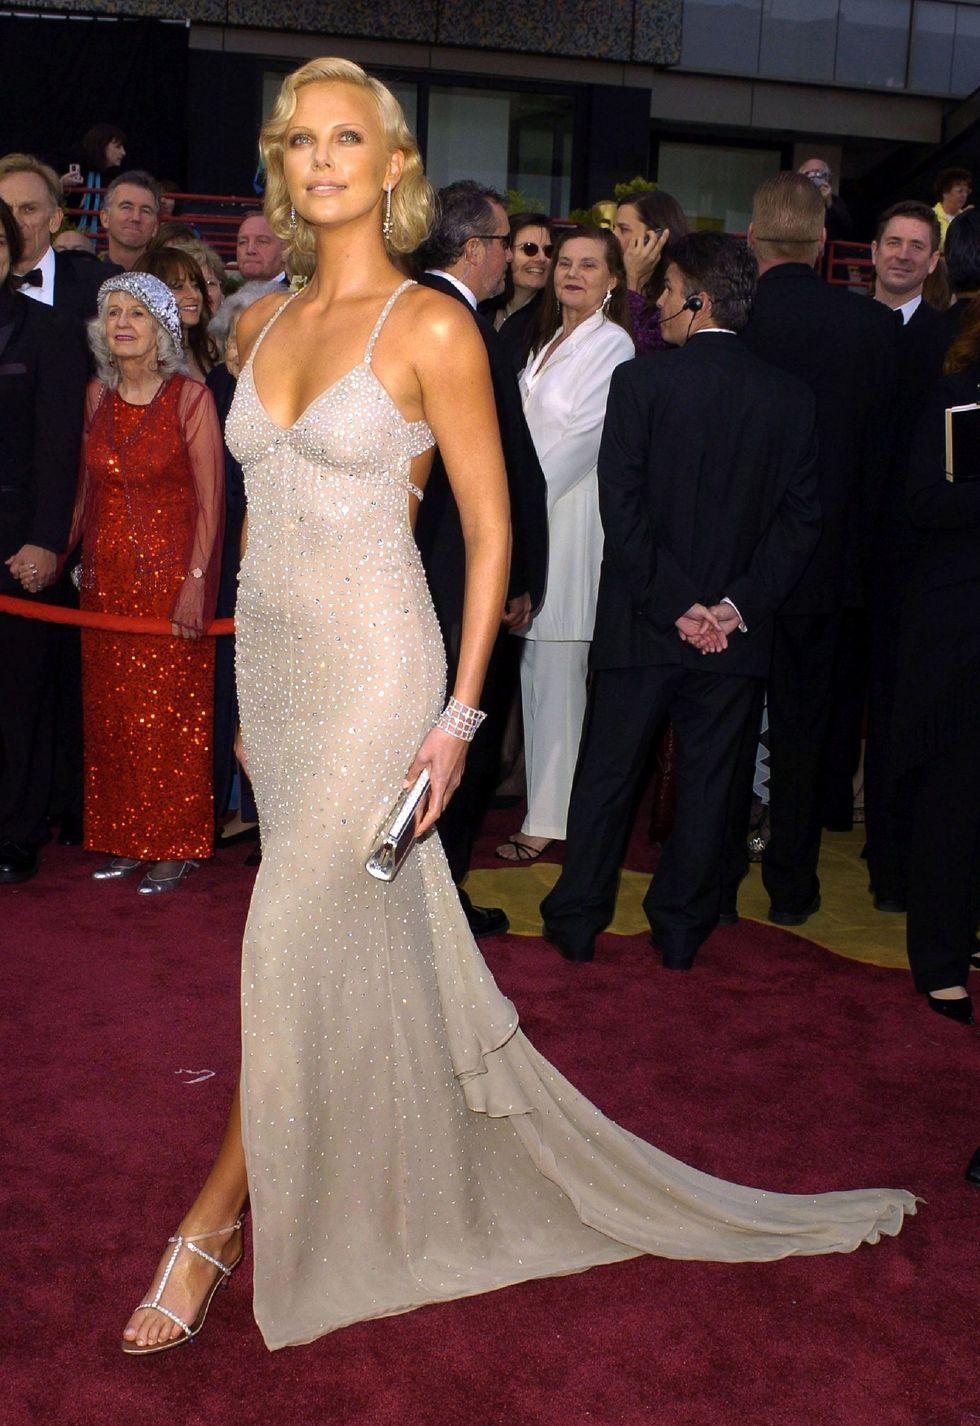 Mewah dan Seksi! Gaya Artis Kenakan Dress Berbalut Kristal